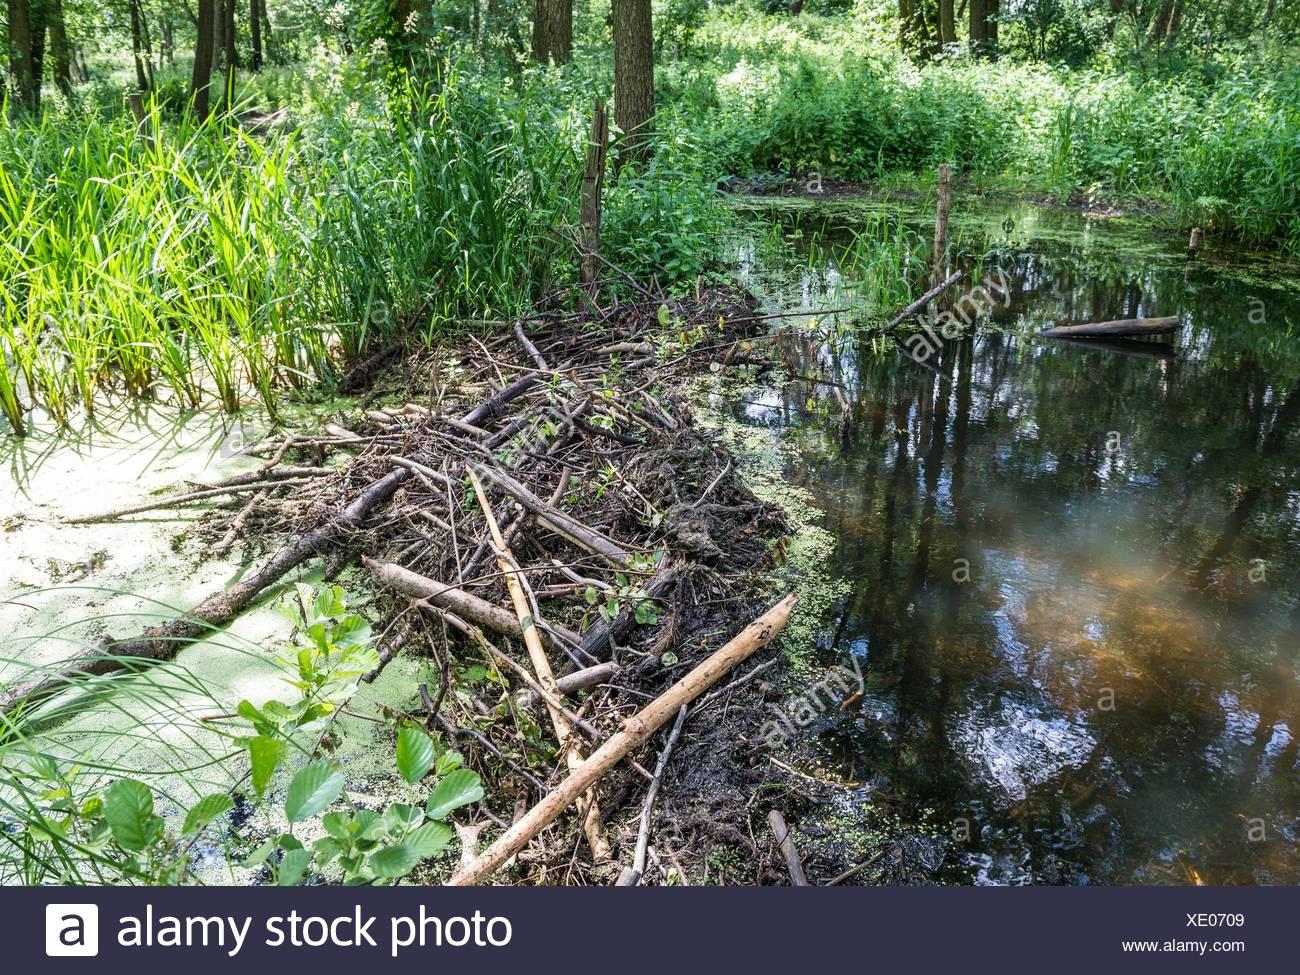 Castores presa en un arroyo en la región de Mazovia, Polonia. Imagen De Stock